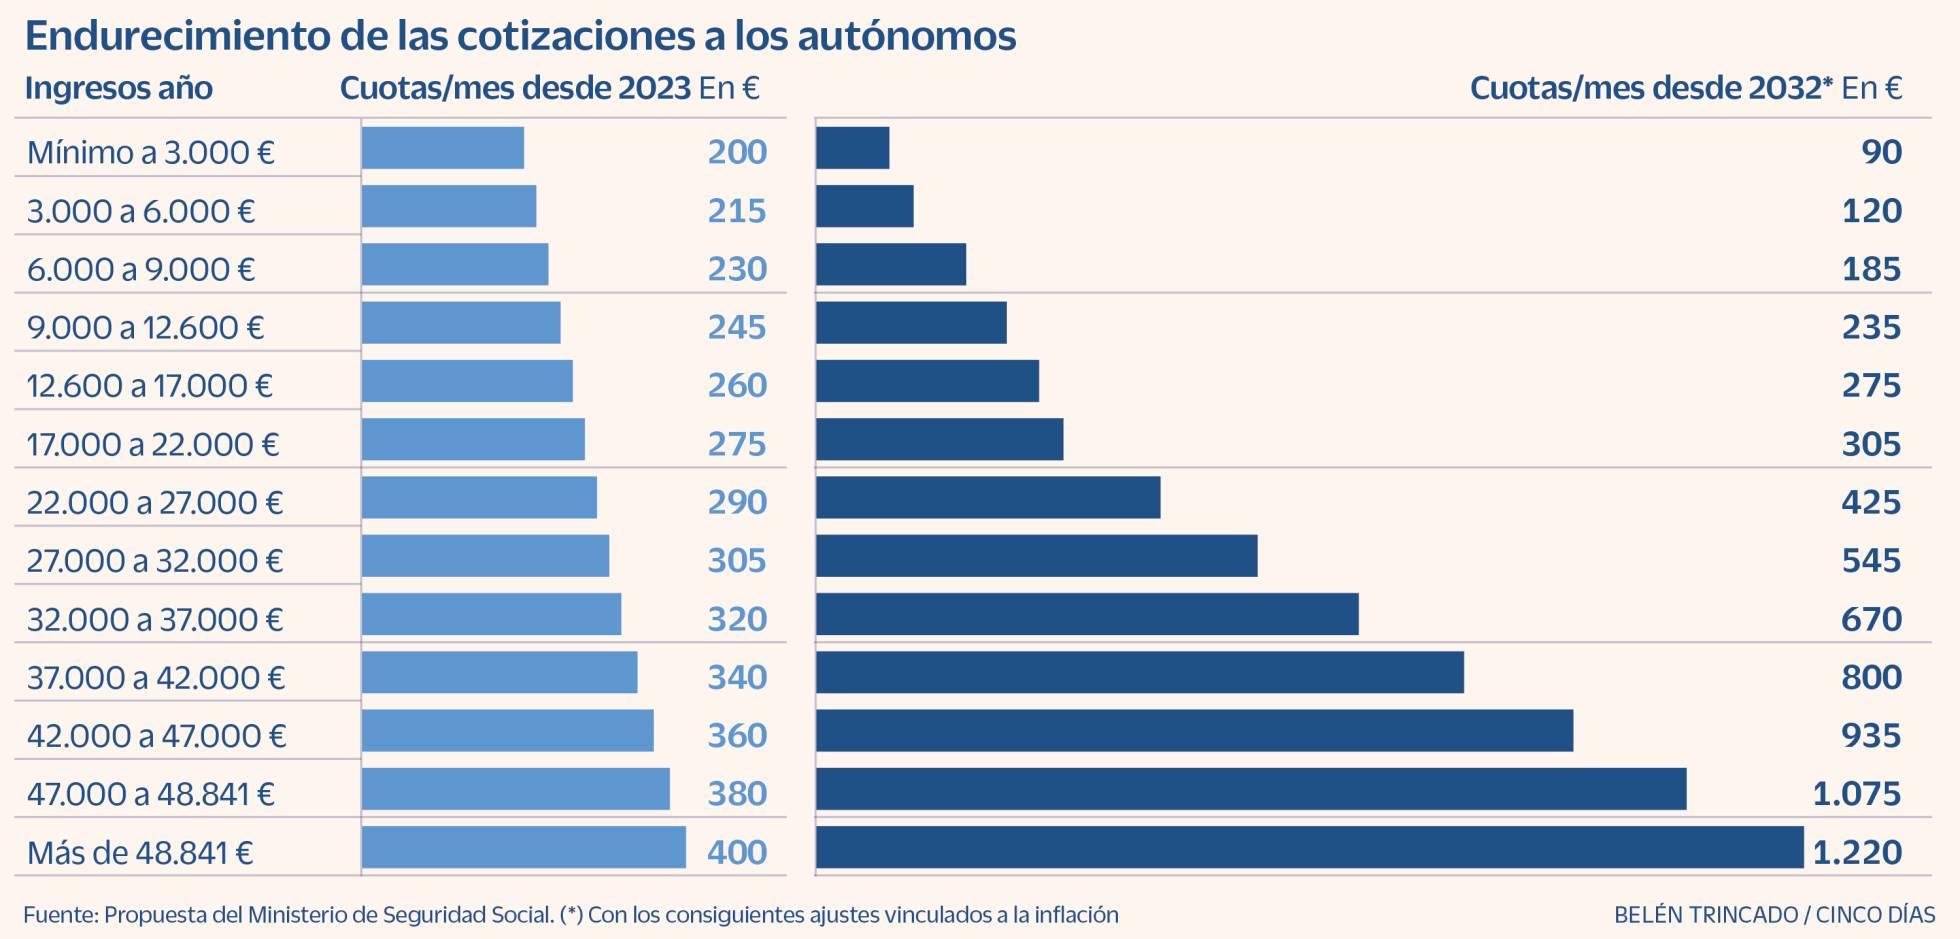 Trabajadores autónomos en España. Tipos... 1620828884_869741_1620847540_noticia_normal_recorte1